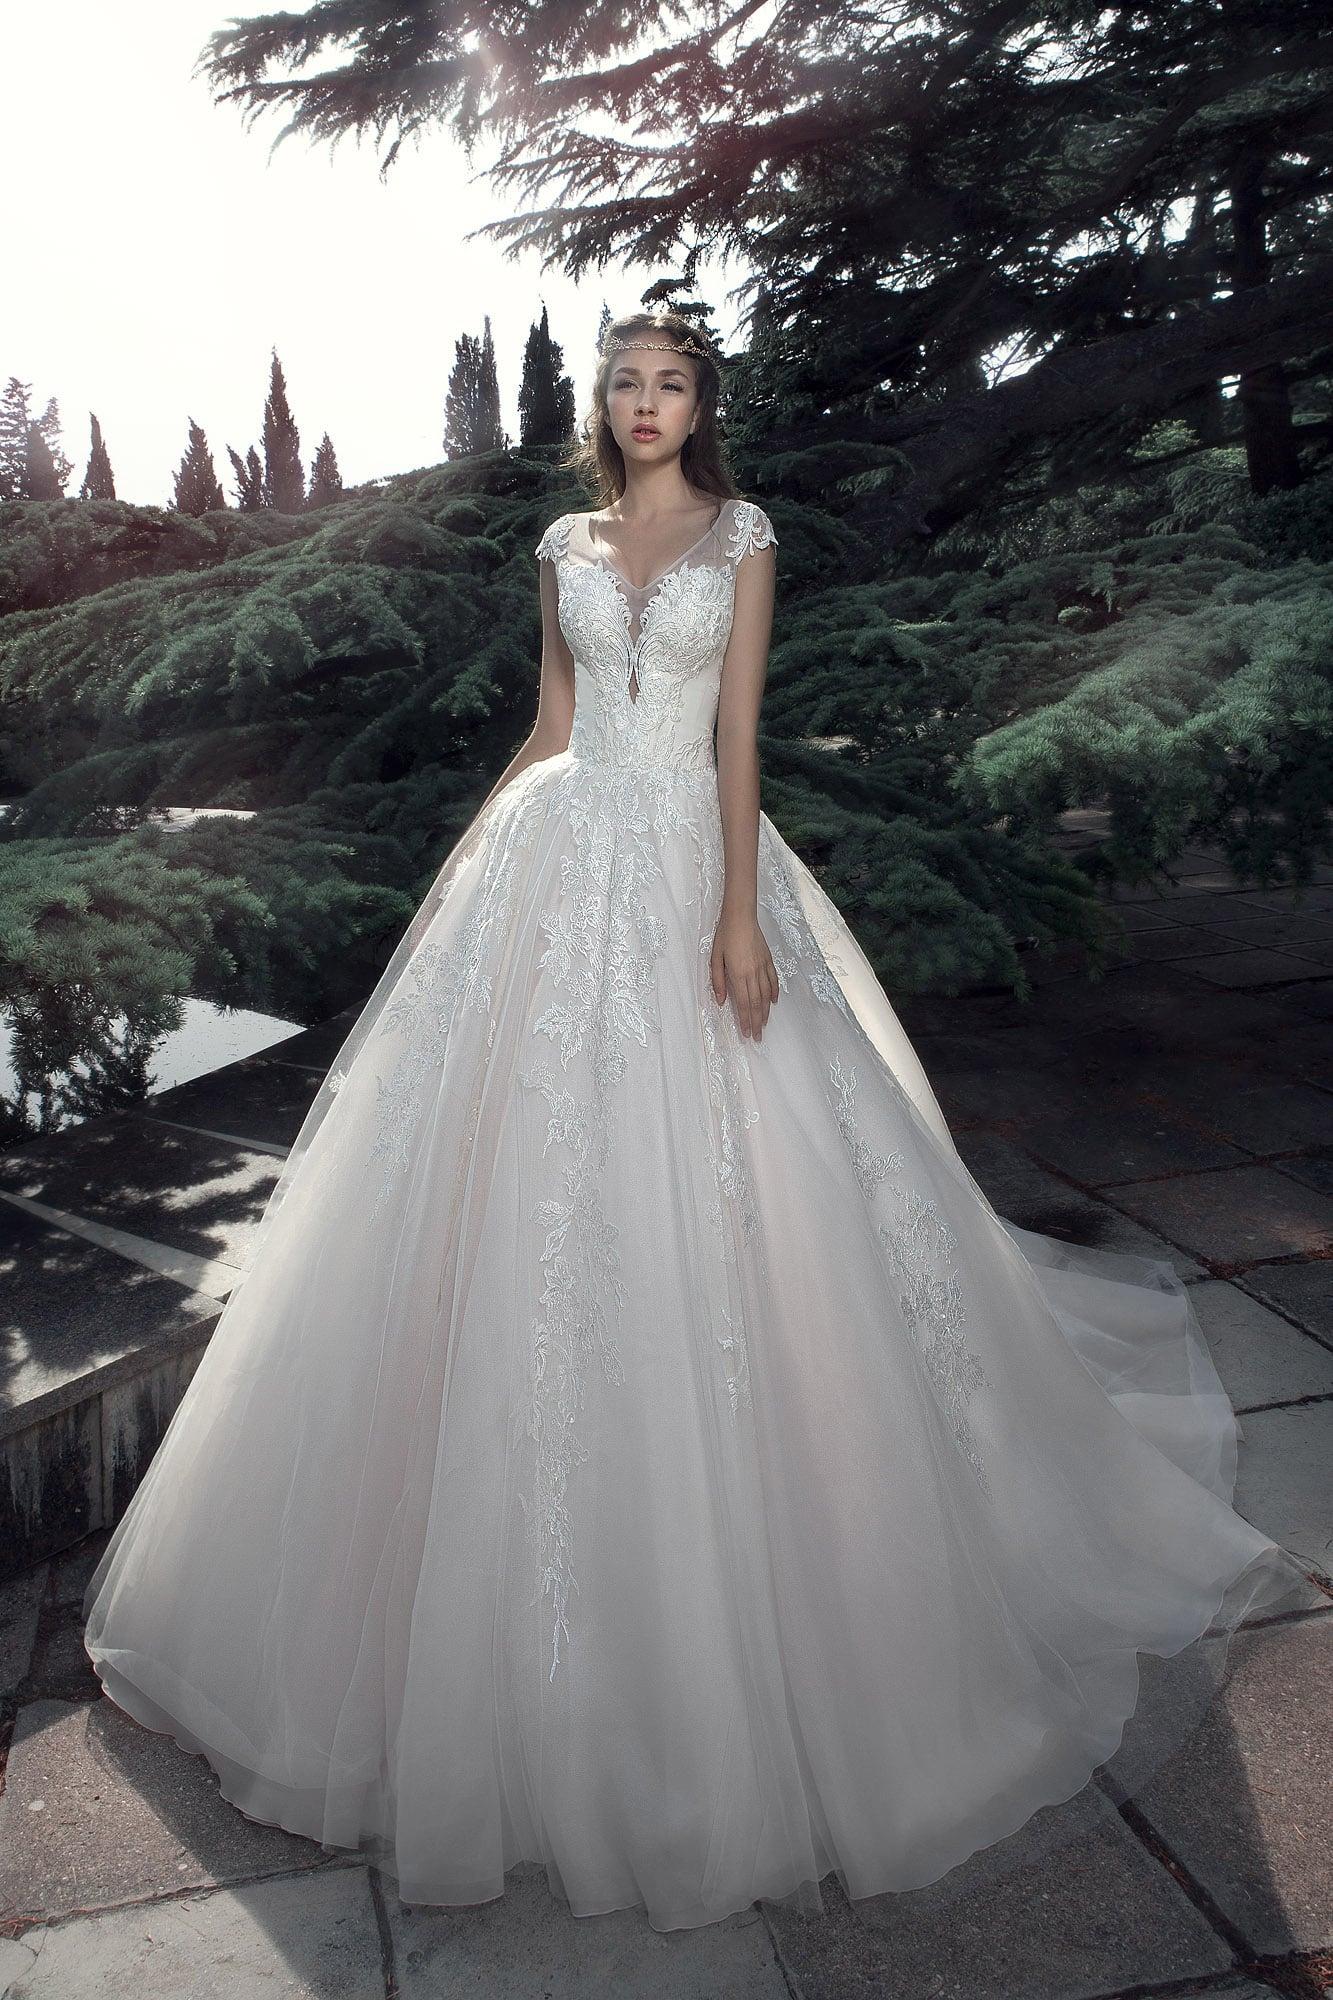 Кружевное свадебное платье с роскошной многослойной юбкой.